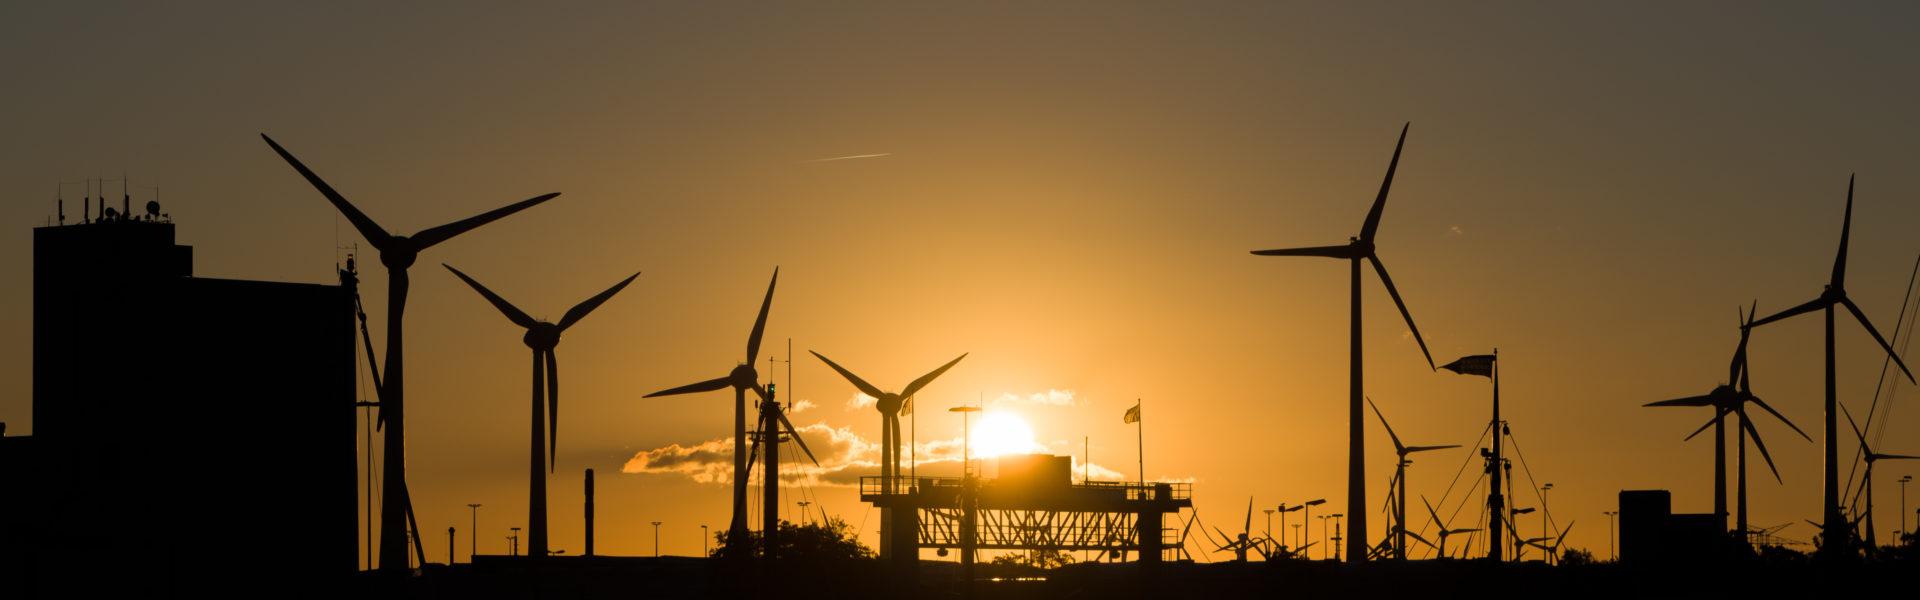 Das Bild zeigt eine grüne Landschaft mit Windkraftanlagen. Im Vordergrund sind Photovoltaikpanels auf Ständern und ein Haus mit Photovoltaikpanels auf dem Dach zu sehen.